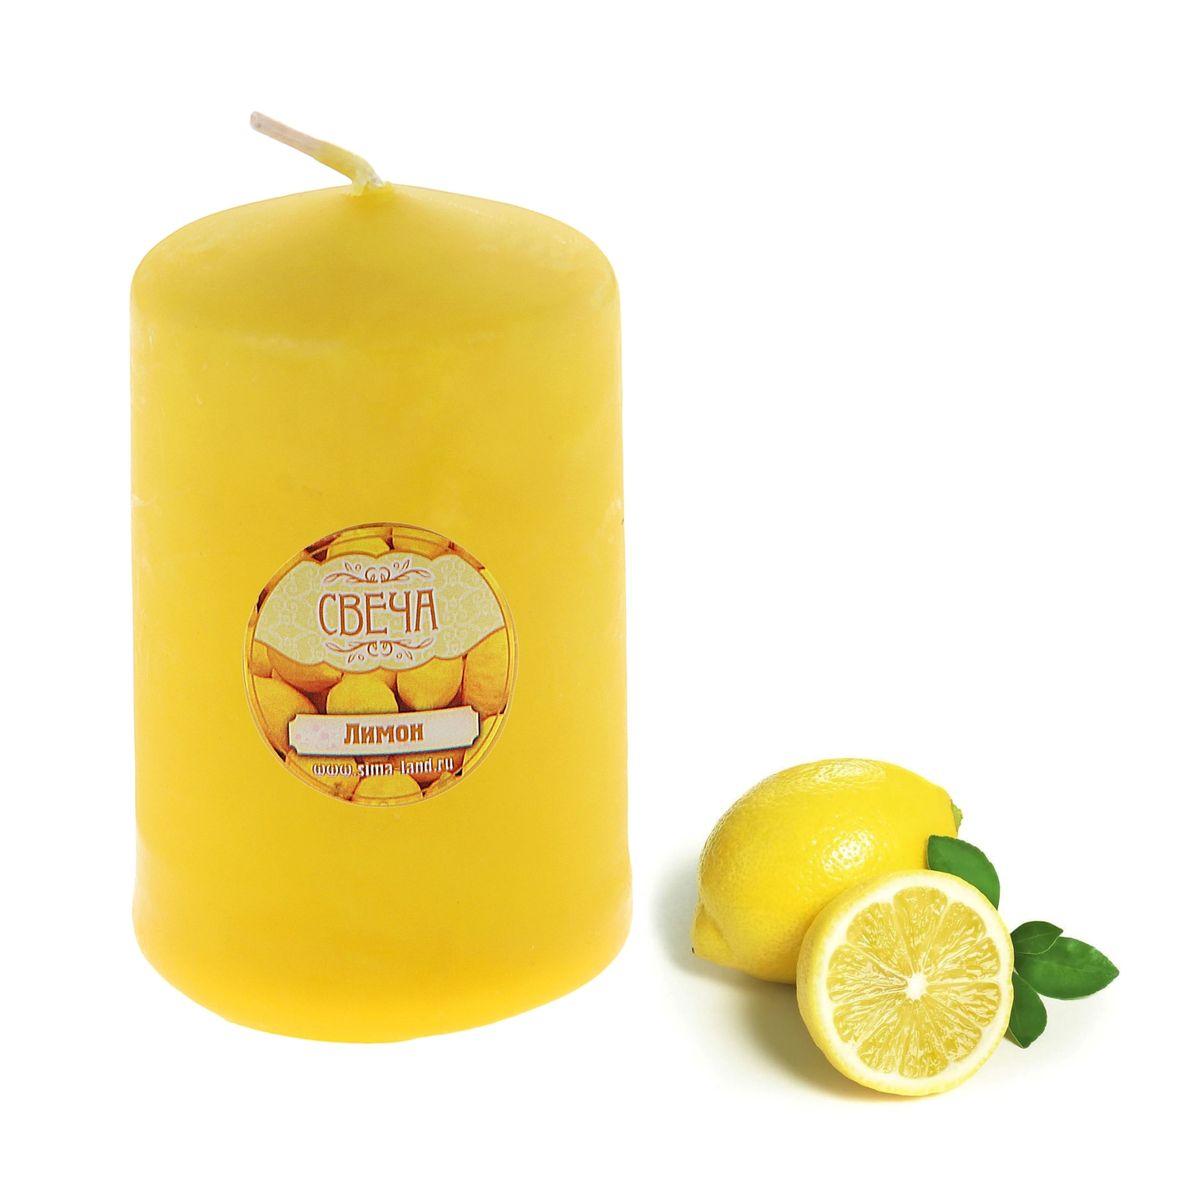 Свеча ароматизированная Sima-land Лимон, цвет: желтый, высота 10 см. 849607849607Ароматизированная свеча Sima-land Лимон изготовлена из воска в виде столбика. Изделие отличается ярким дизайном и приятным ароматом лимона.Создайте для себя и своих близких незабываемую атмосферу праздника в доме. Такая свеча может стать отличным подарком или дополнить интерьер вашей комнаты.